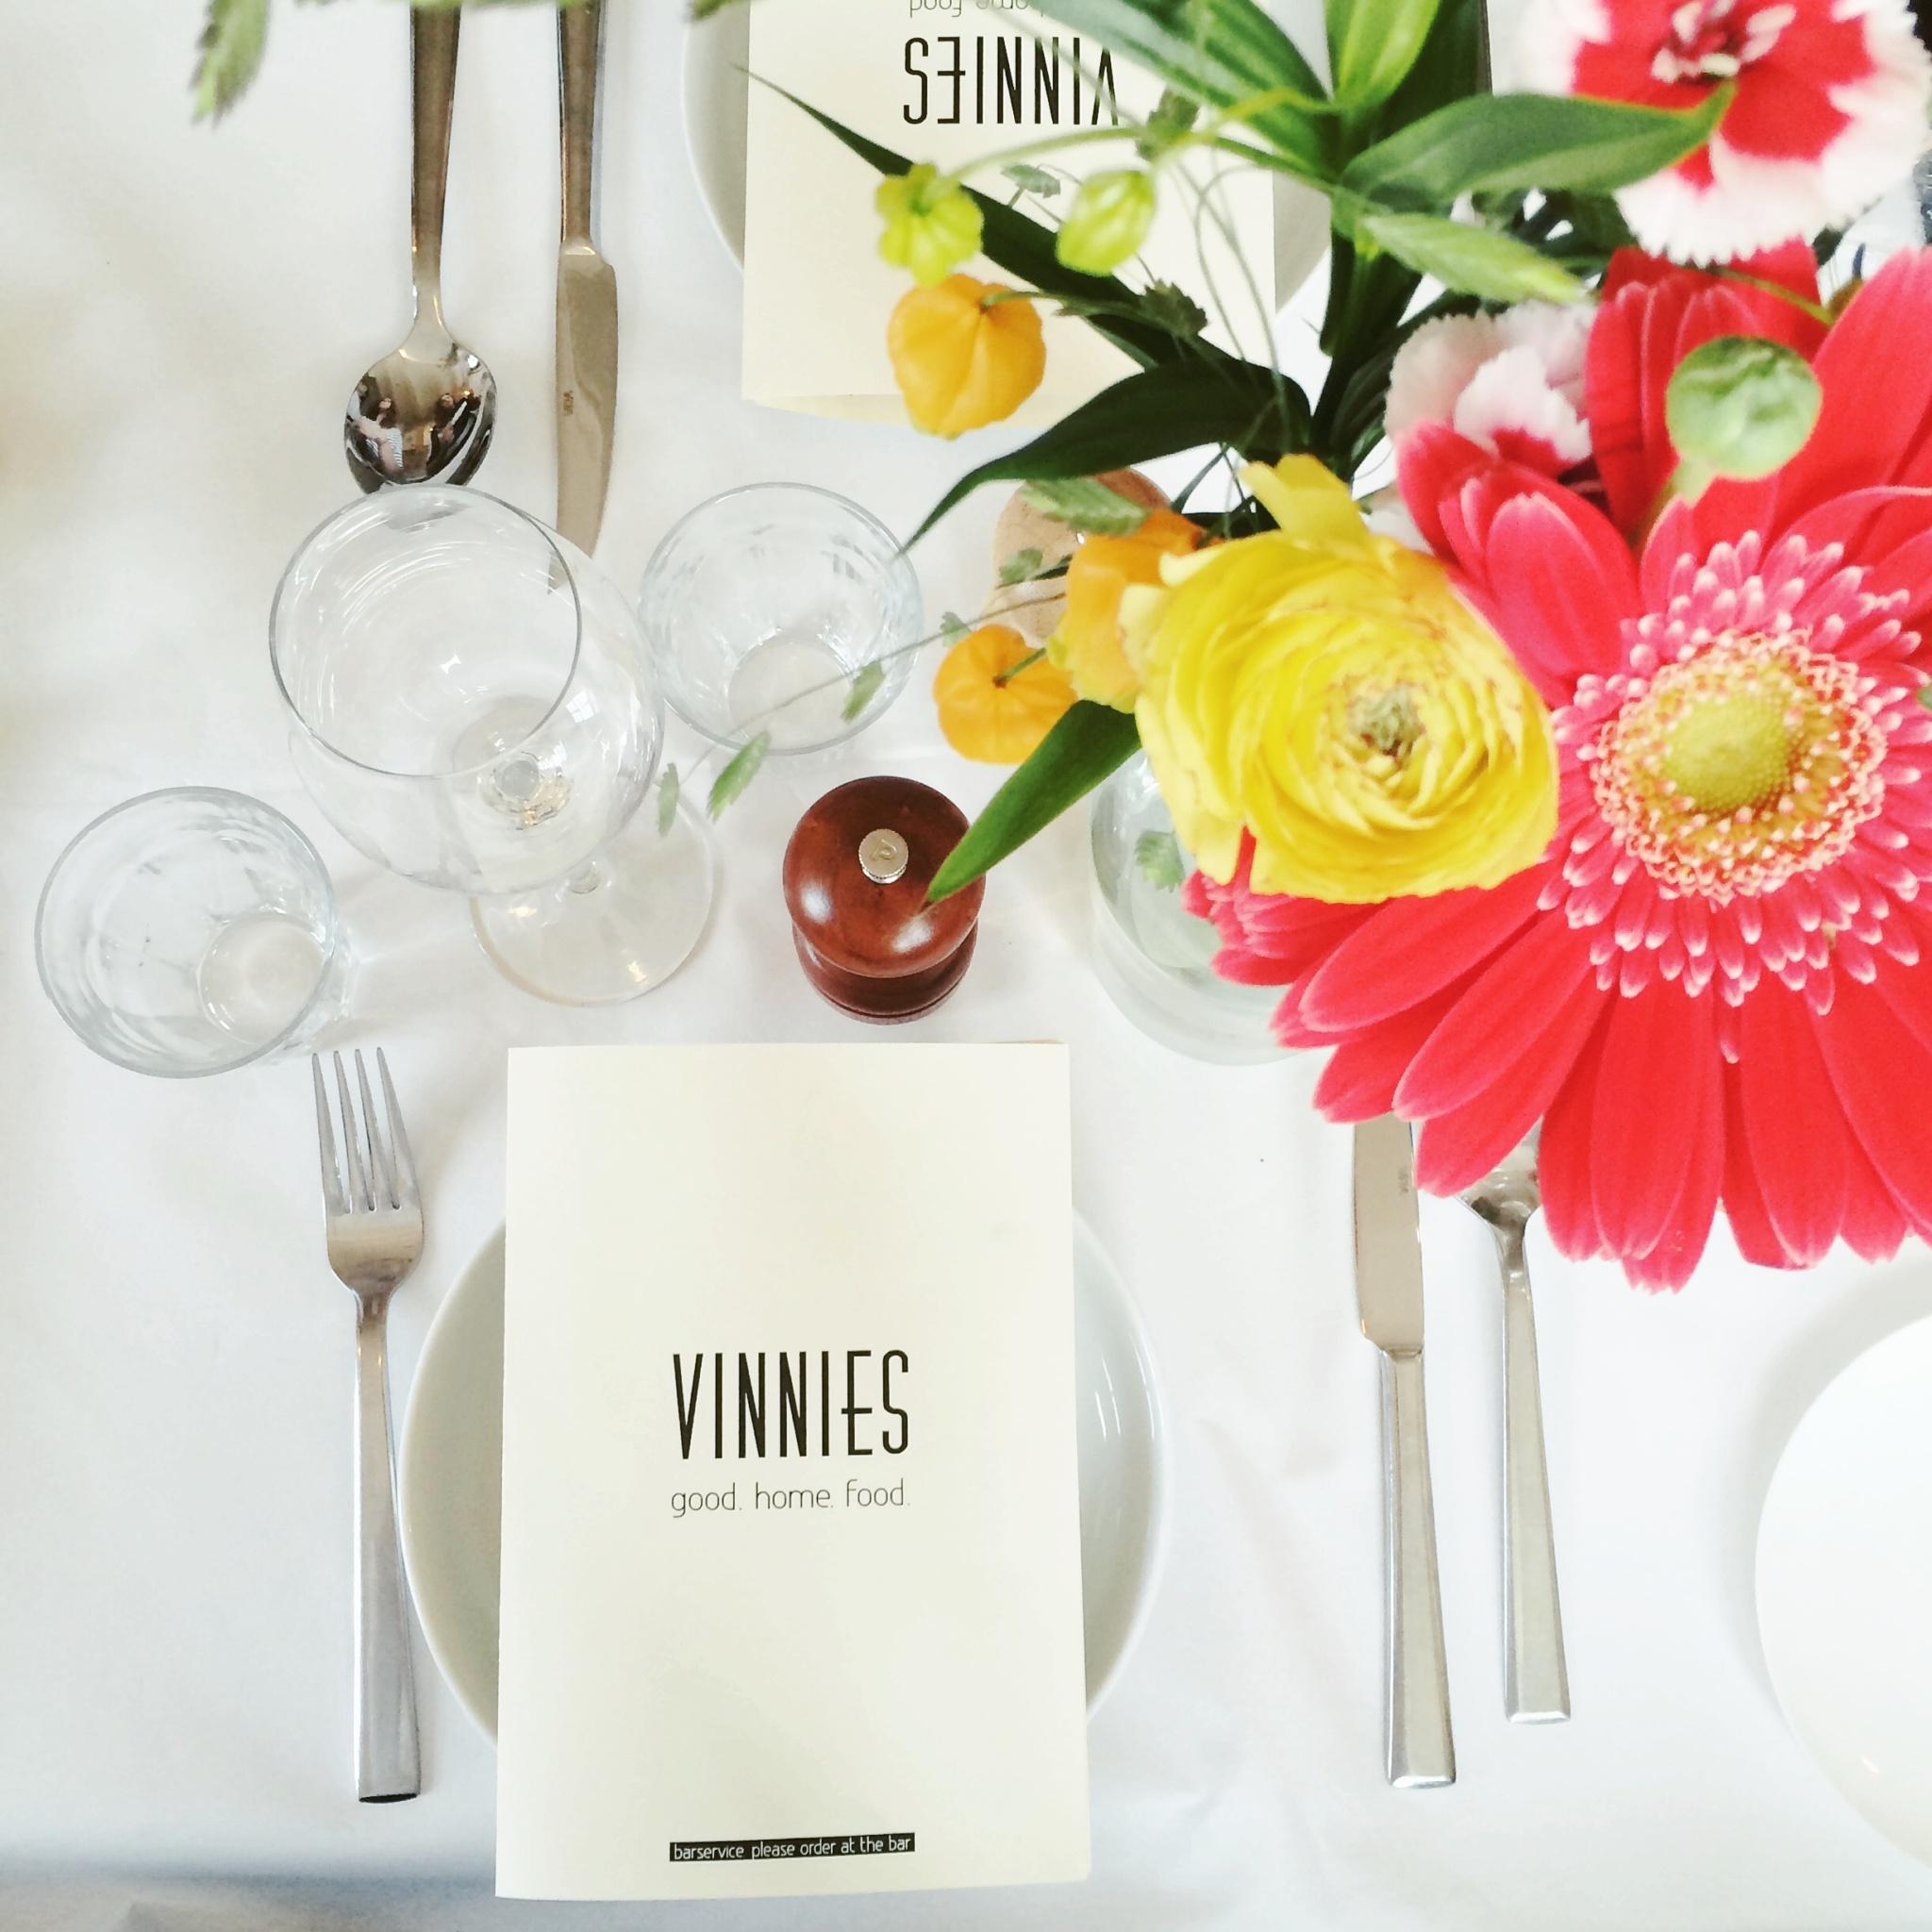 IMG 2838 - Tip! Vinnies Deli, Spring is in menu